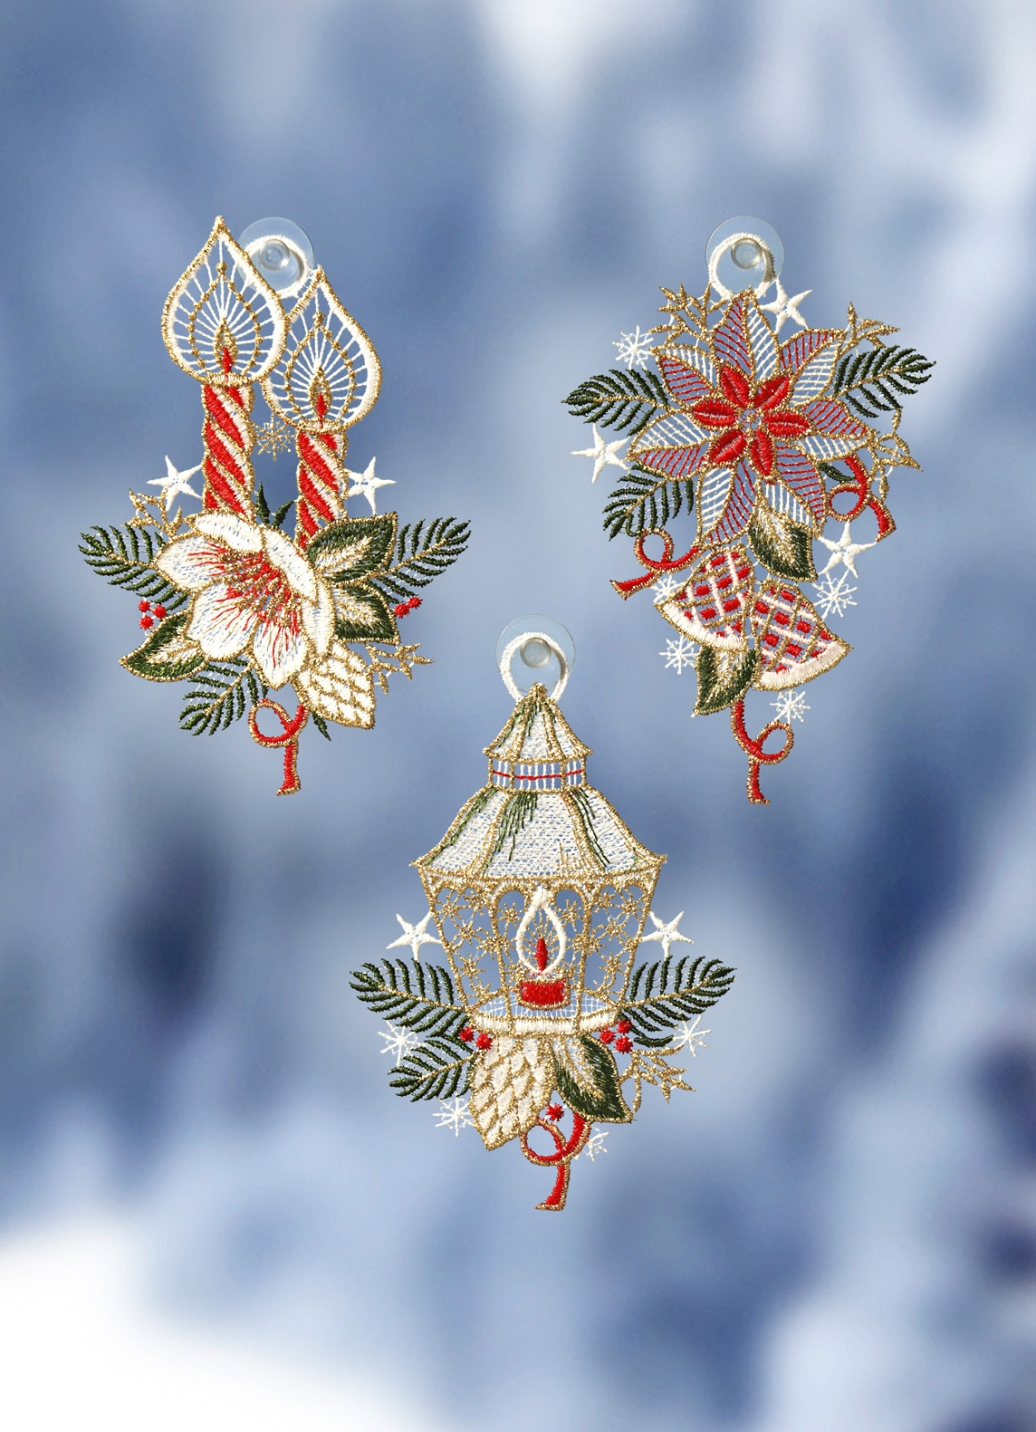 fensterbilder 3er set weihnachten fensterdekorationen brigitte hachenburg. Black Bedroom Furniture Sets. Home Design Ideas